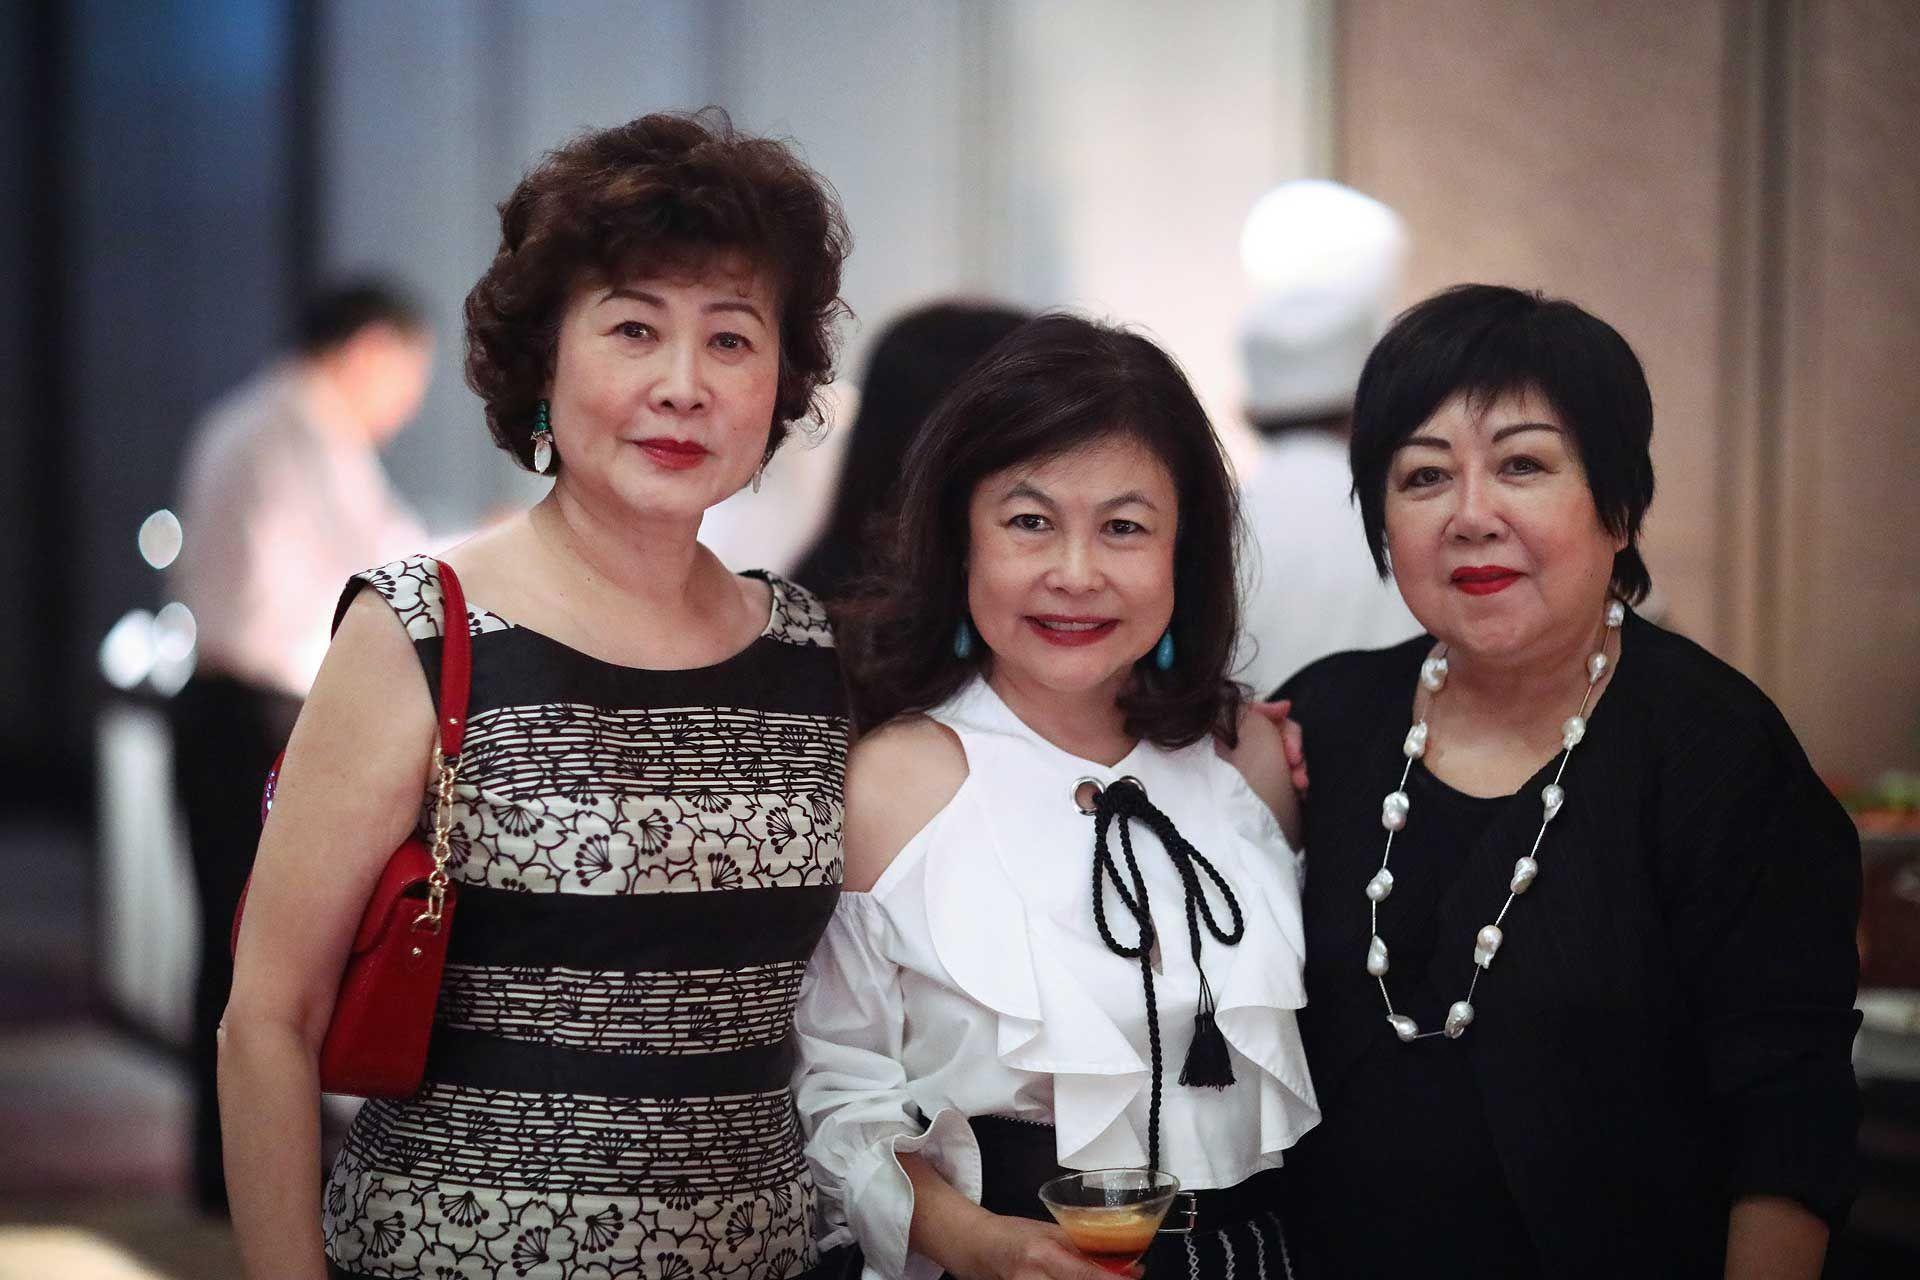 Ming Tsuan Sen, Chan Yue Yee and Pauline Tan